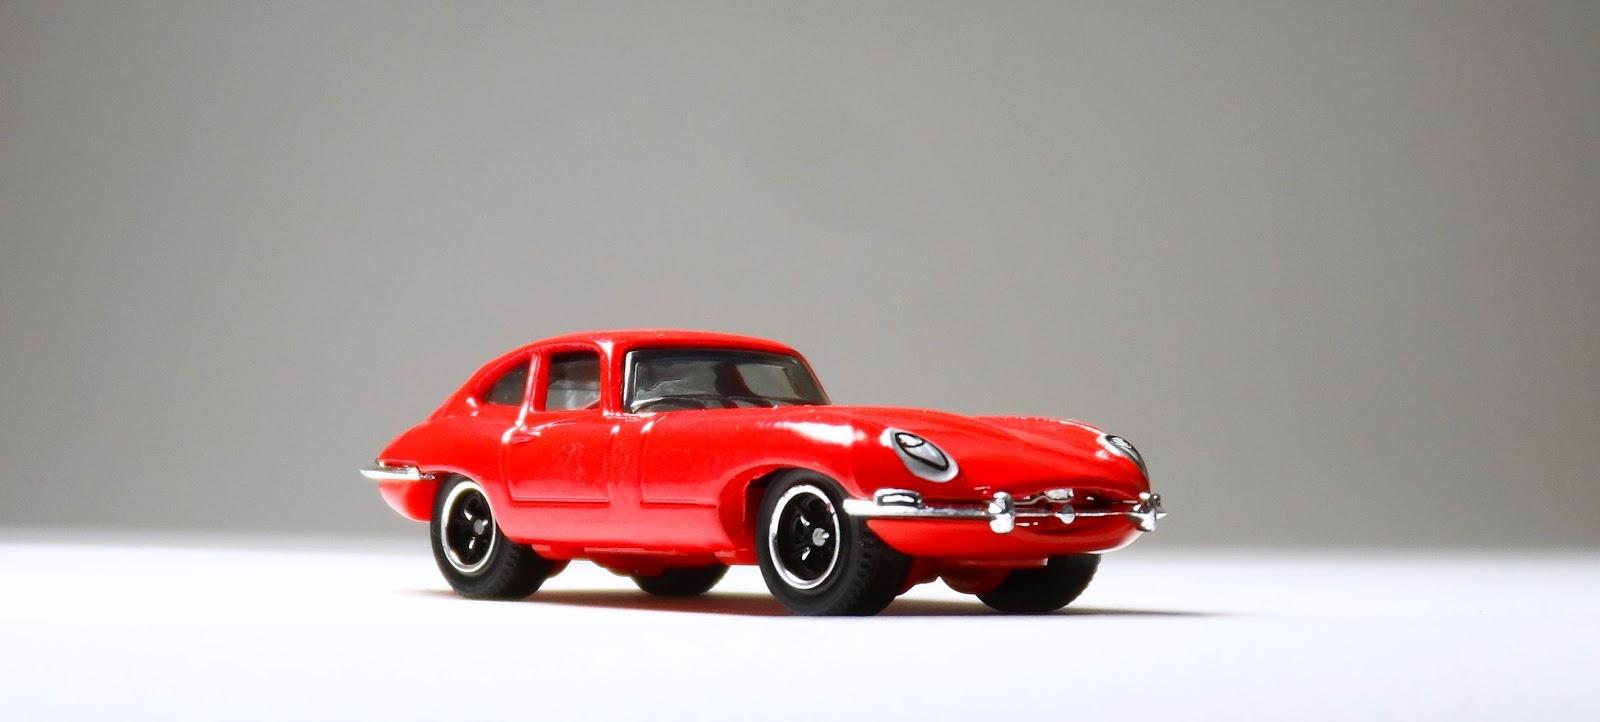 Beautiful ... é Bom Lembrar Que é Um Mainline. Na Matchbox Eu Apresento O Jaguar  E Type Da Linha Básica 2006 (lançamento) Com Pintura Vermelha E Rodas  Tri Star WW.